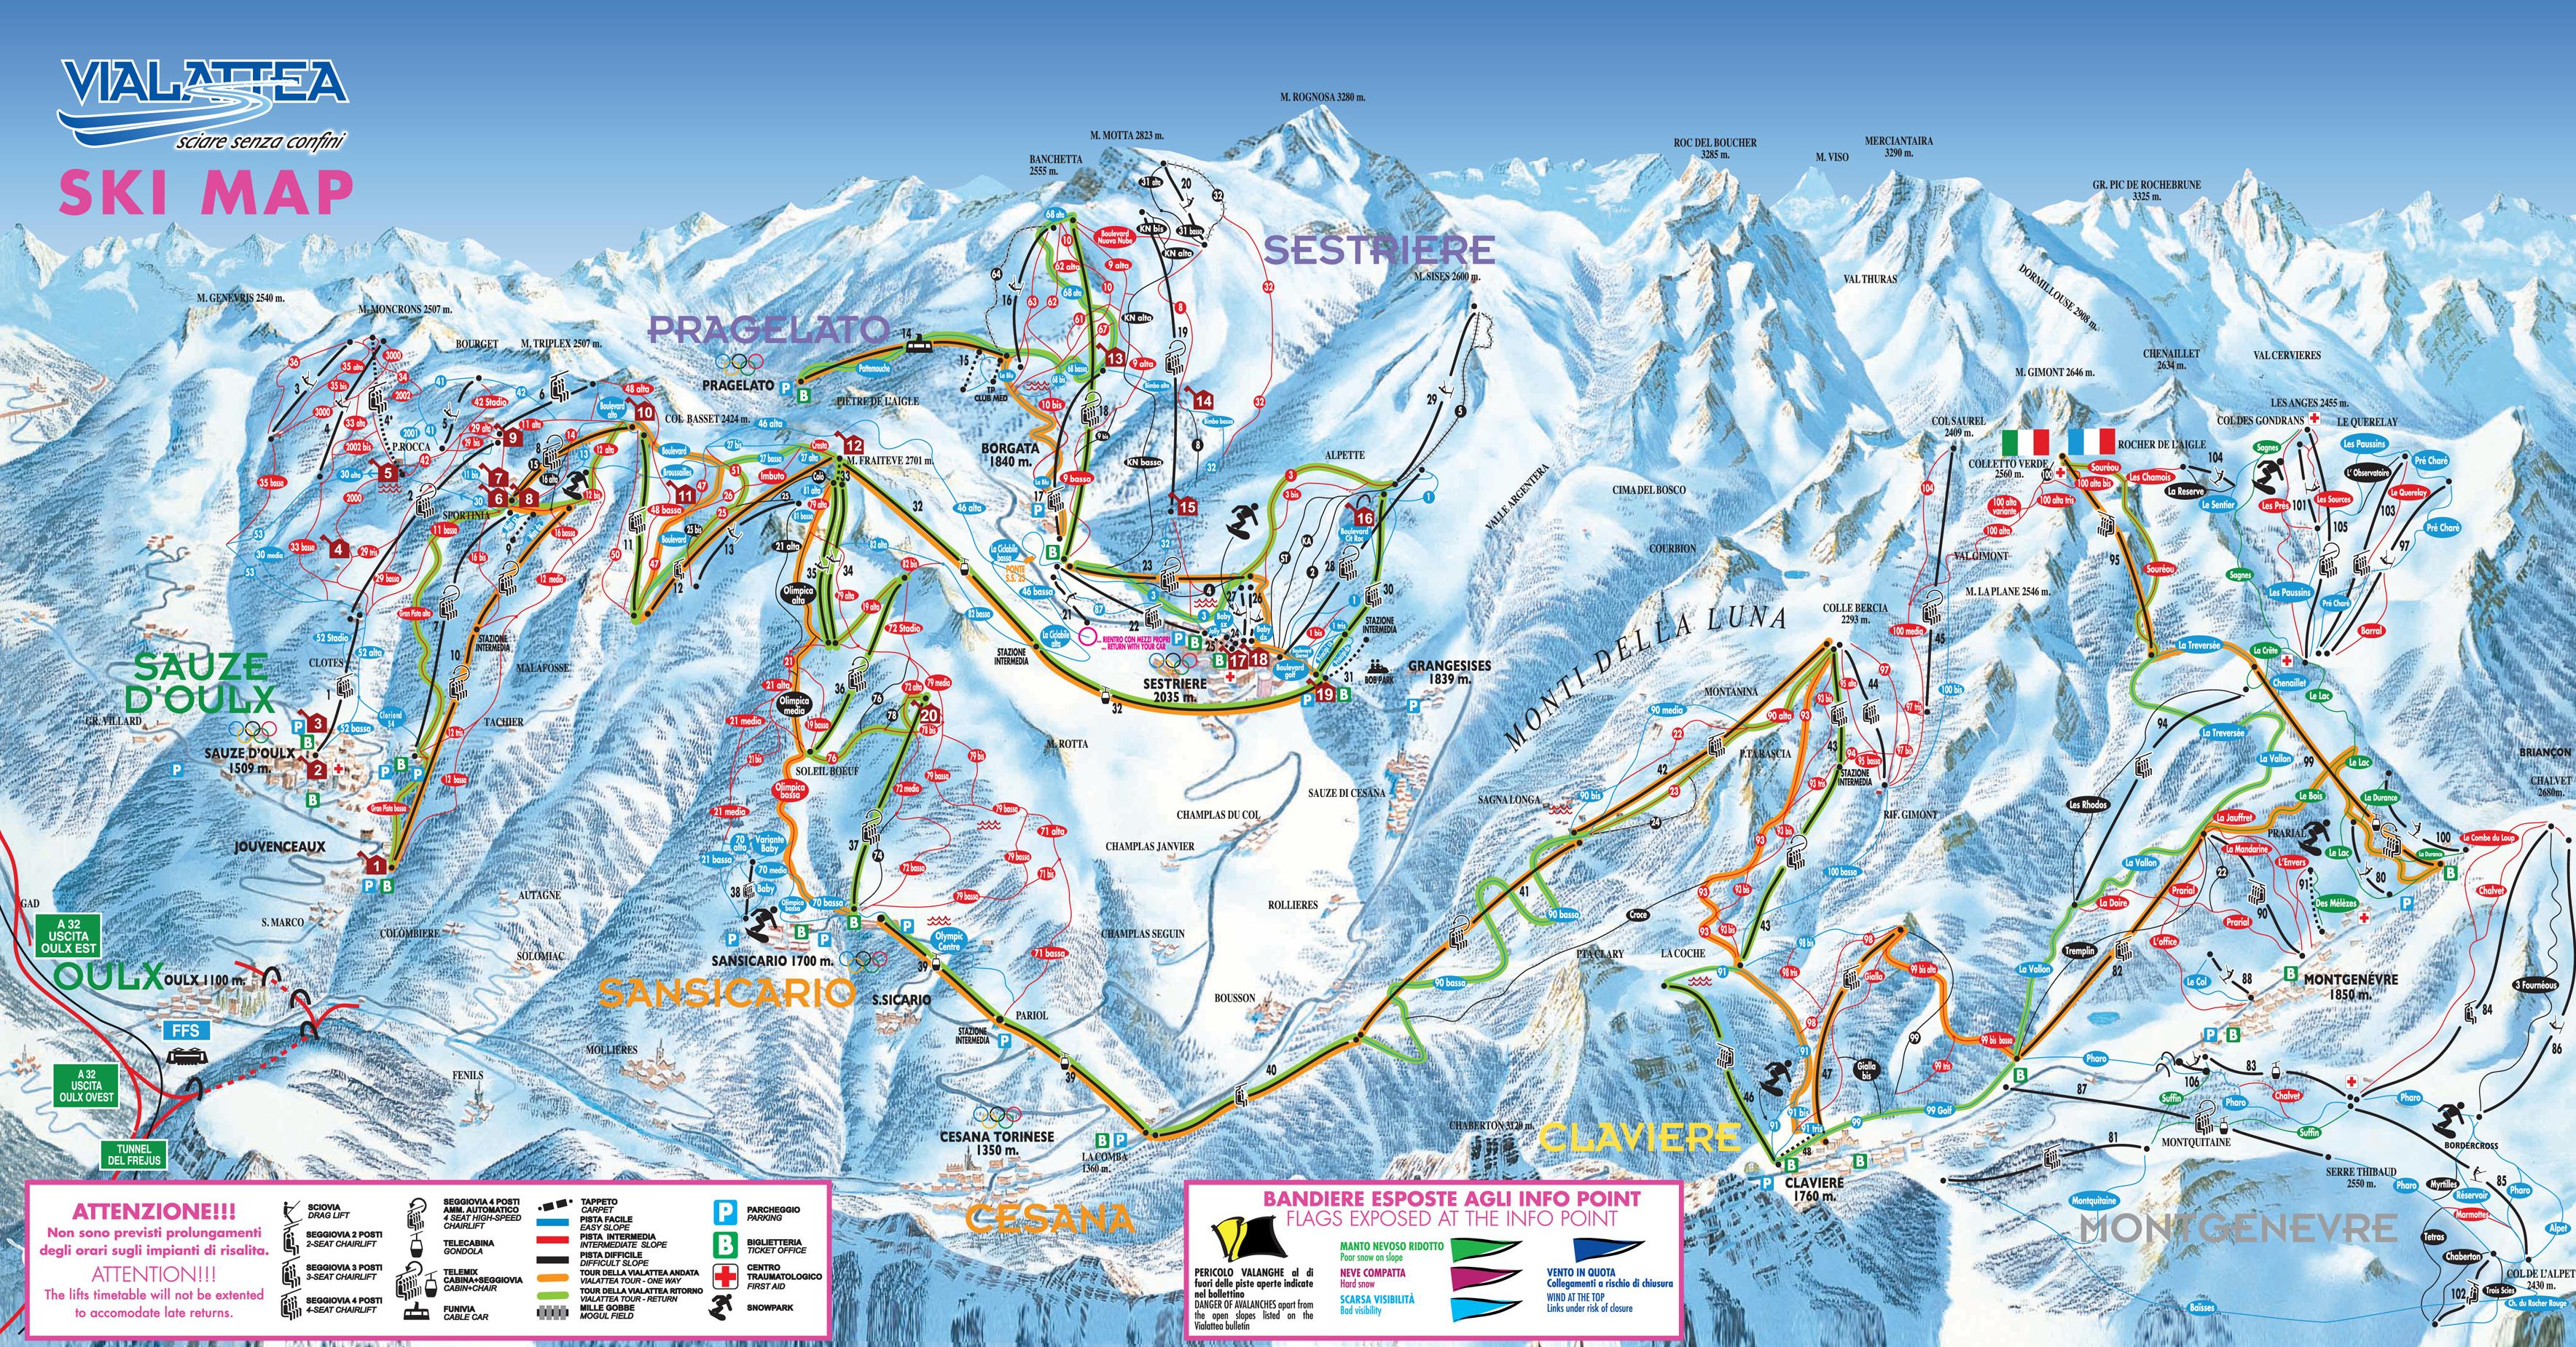 Bardonecchia Cartina Geografica.Cartina Via Lattea Mappa Delle Piste Della Via Lattea Dove Sciare